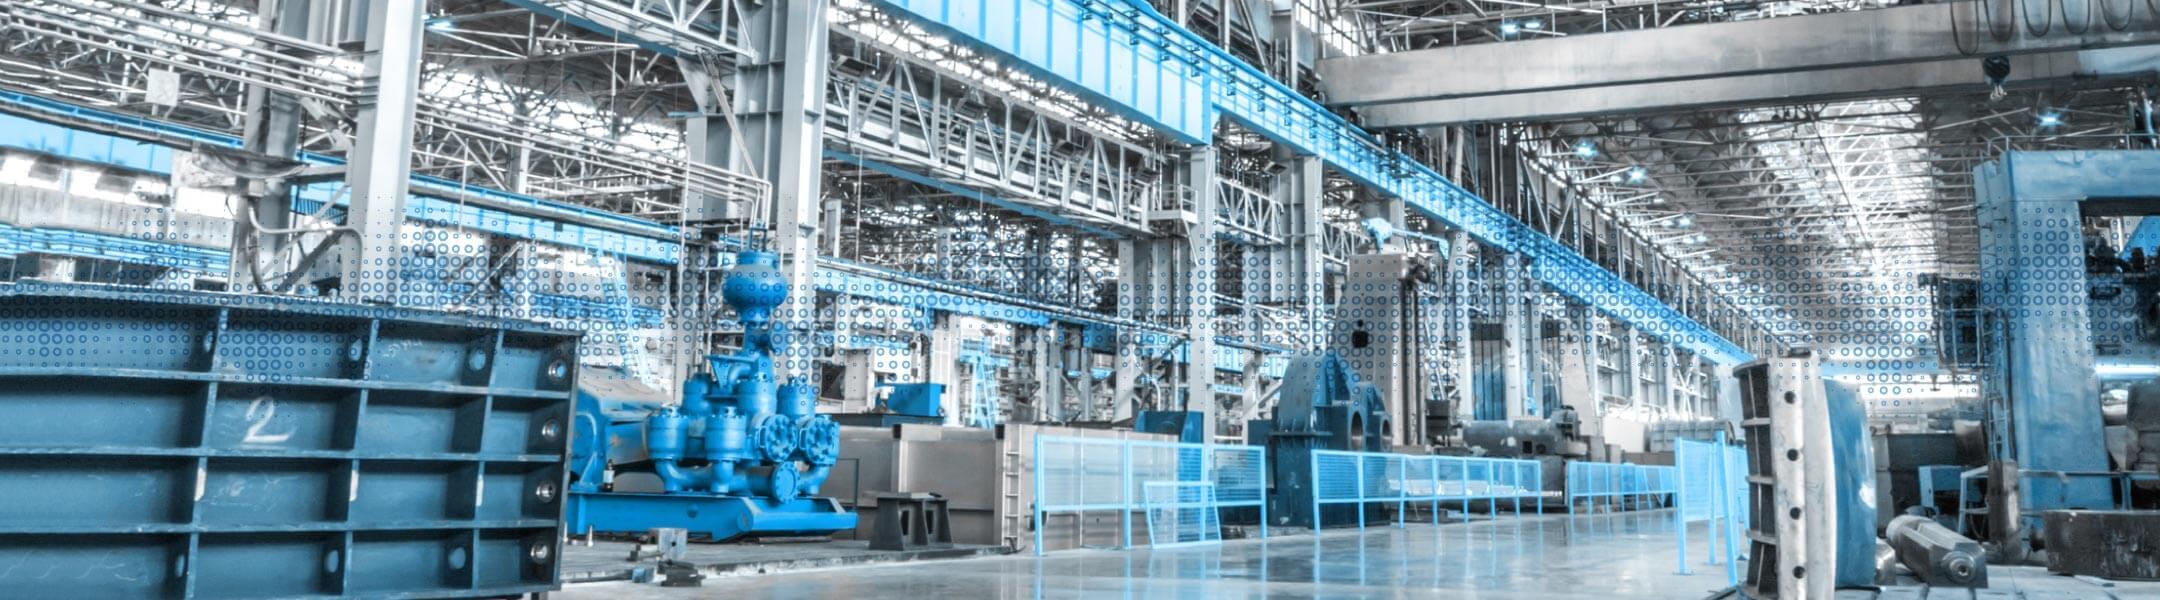 TECMON automatizacija i upravljanje